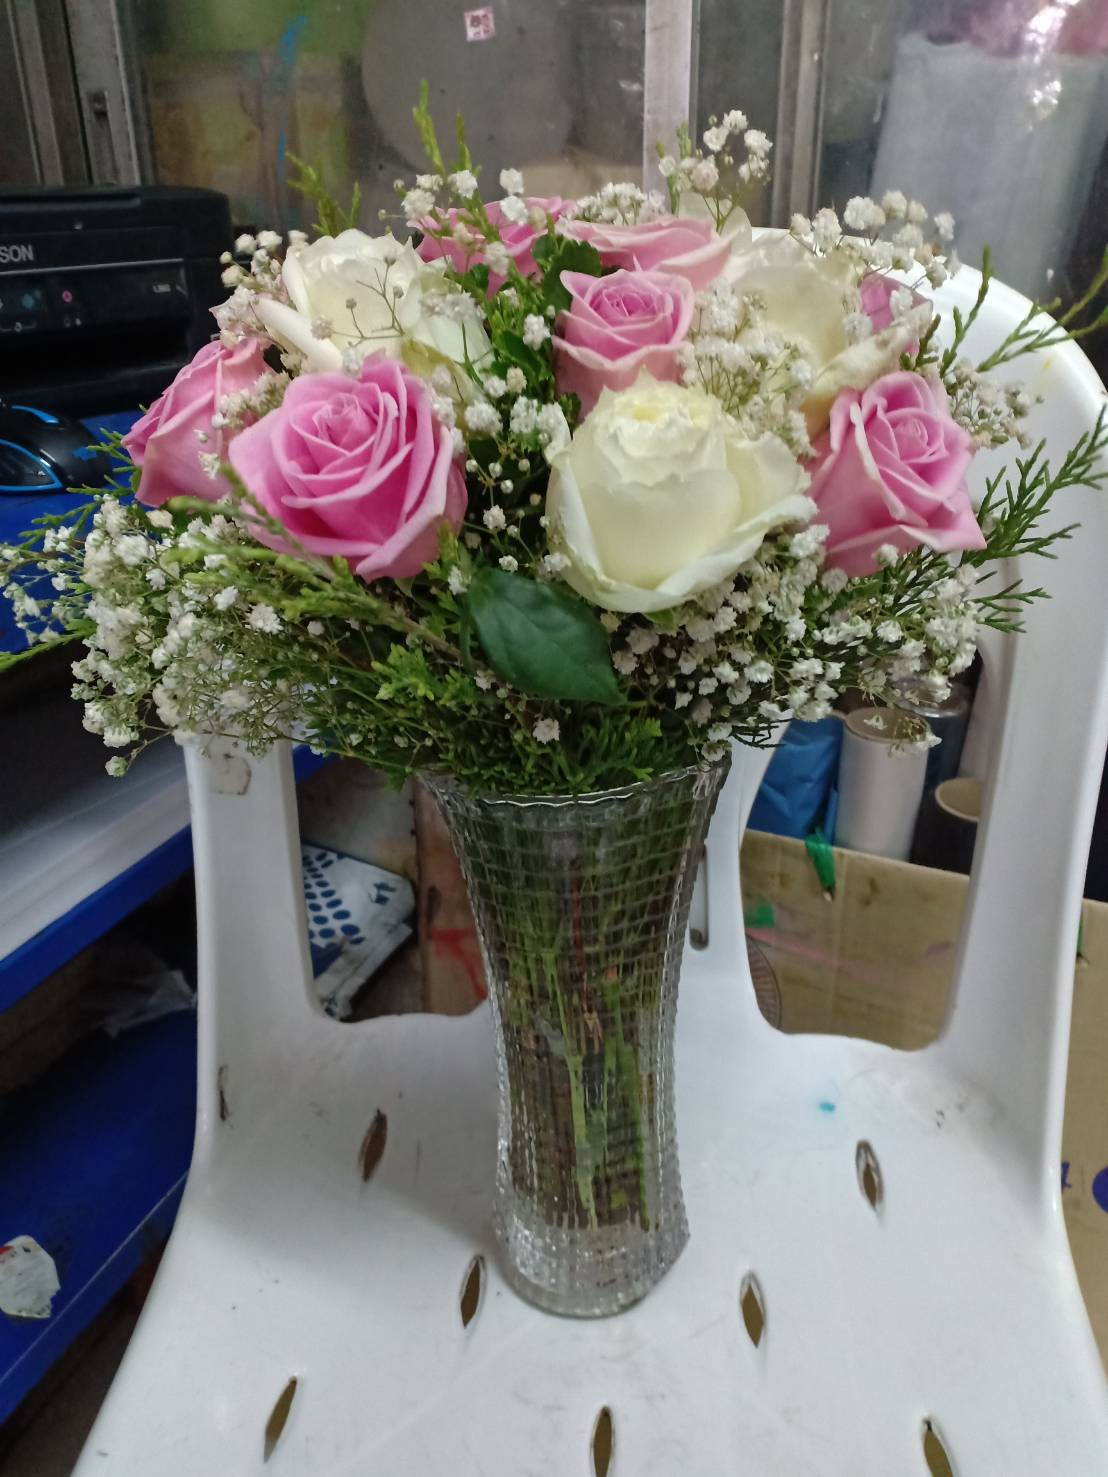 ดอกกุหลาบสีขาวและสีชมพู แซมด้วยดอกยิปโซปักลงในแจกัแก้วอย่างสวยงาม